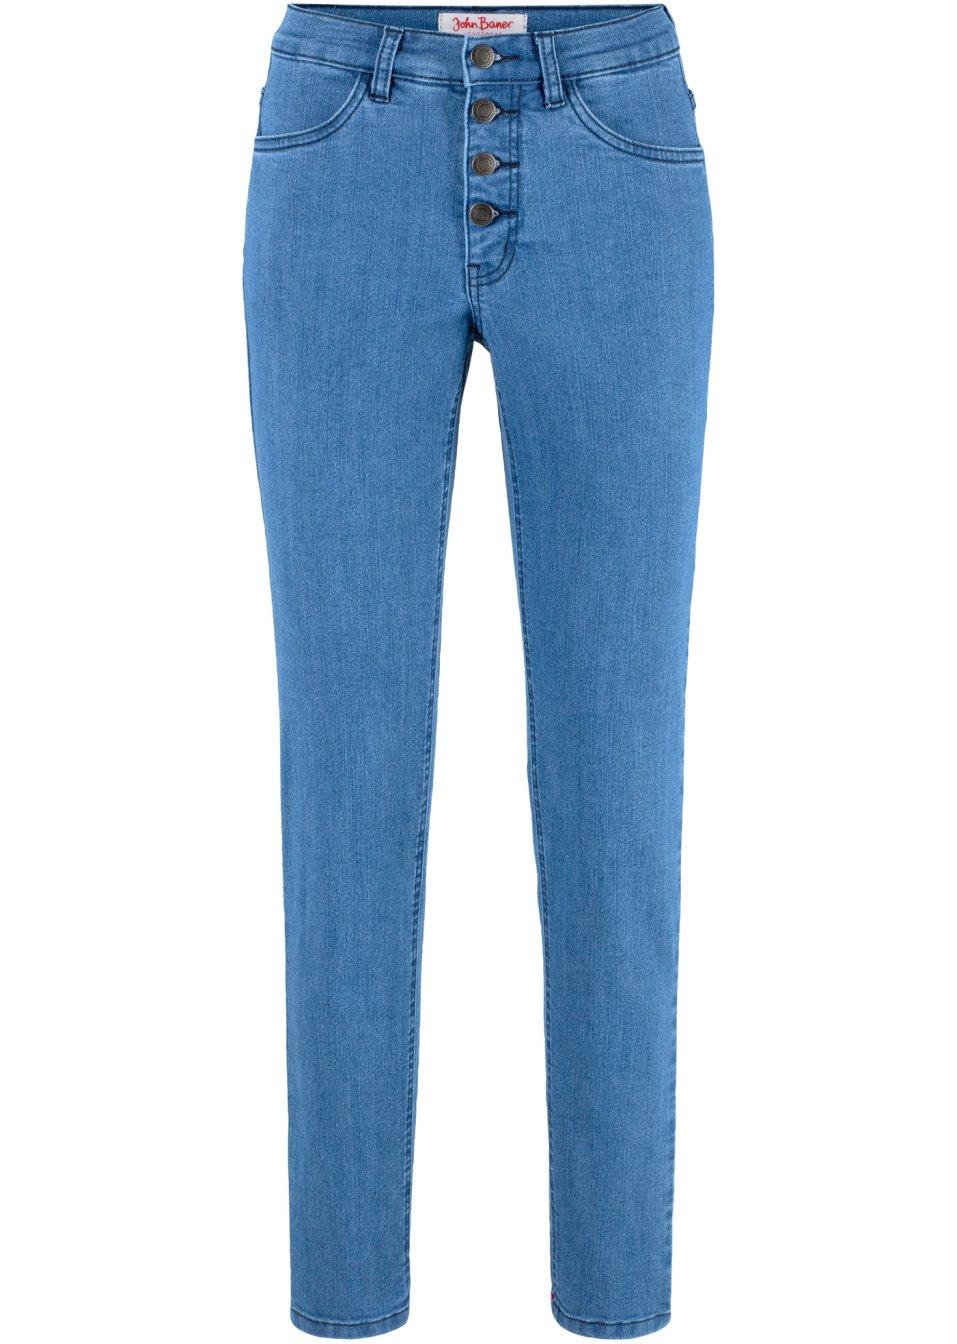 Basic-Komfort-Stretch-Jeans - blau Kurz GoALE xwjGe